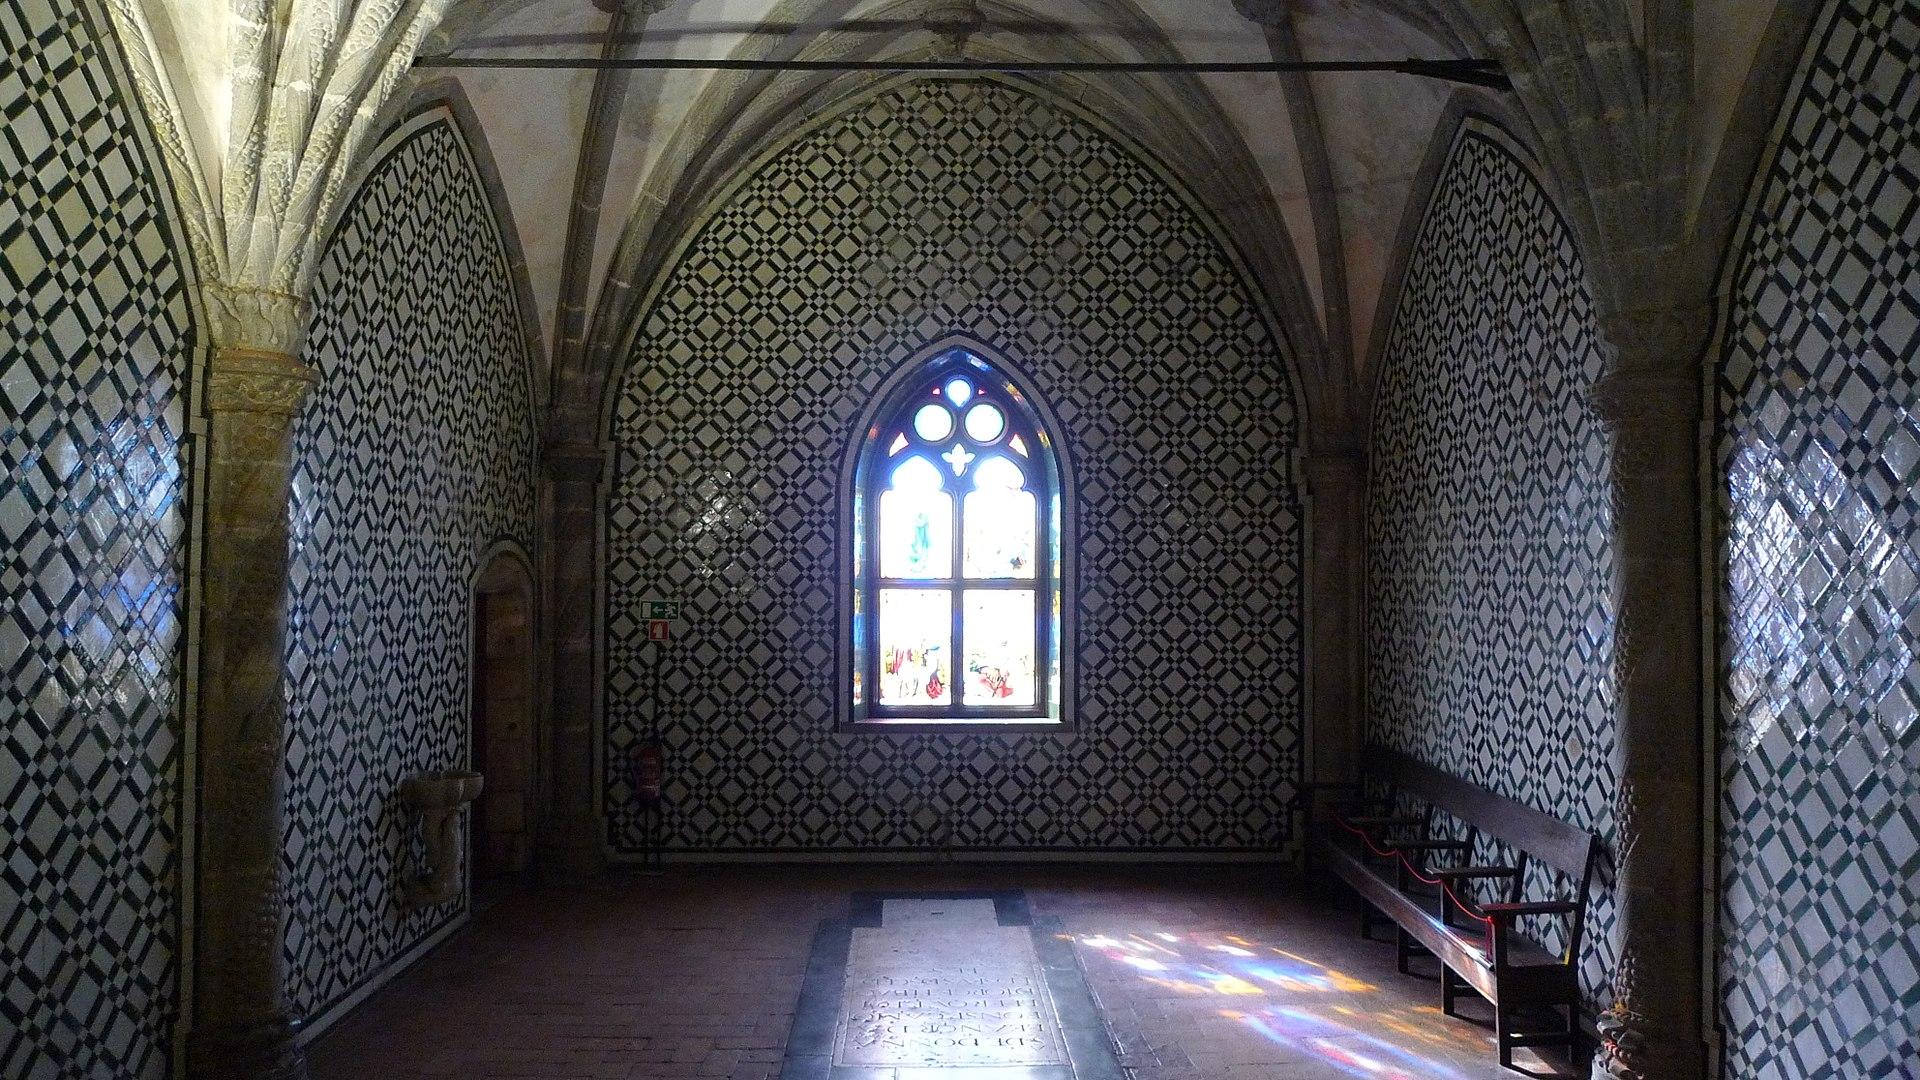 1920px-Sintra,_Palácio_Nacional_da_Pena,_capela_(9).jpg